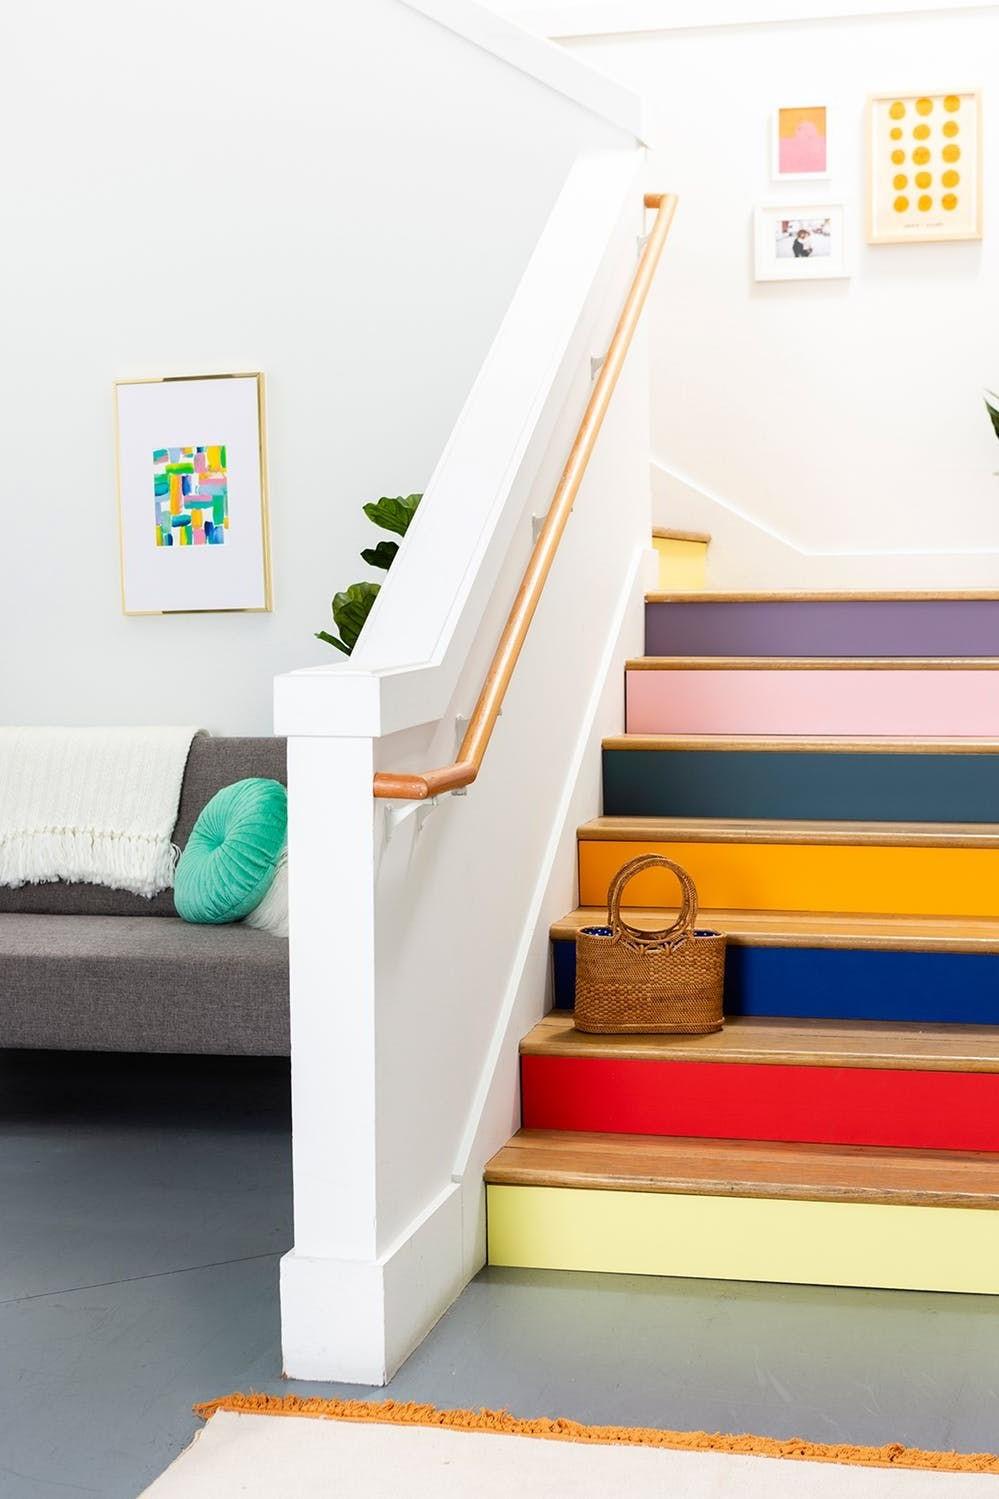 Repeindre l'escalier rafraîchira les zones usées et lui donnera une nouvelle apparence.